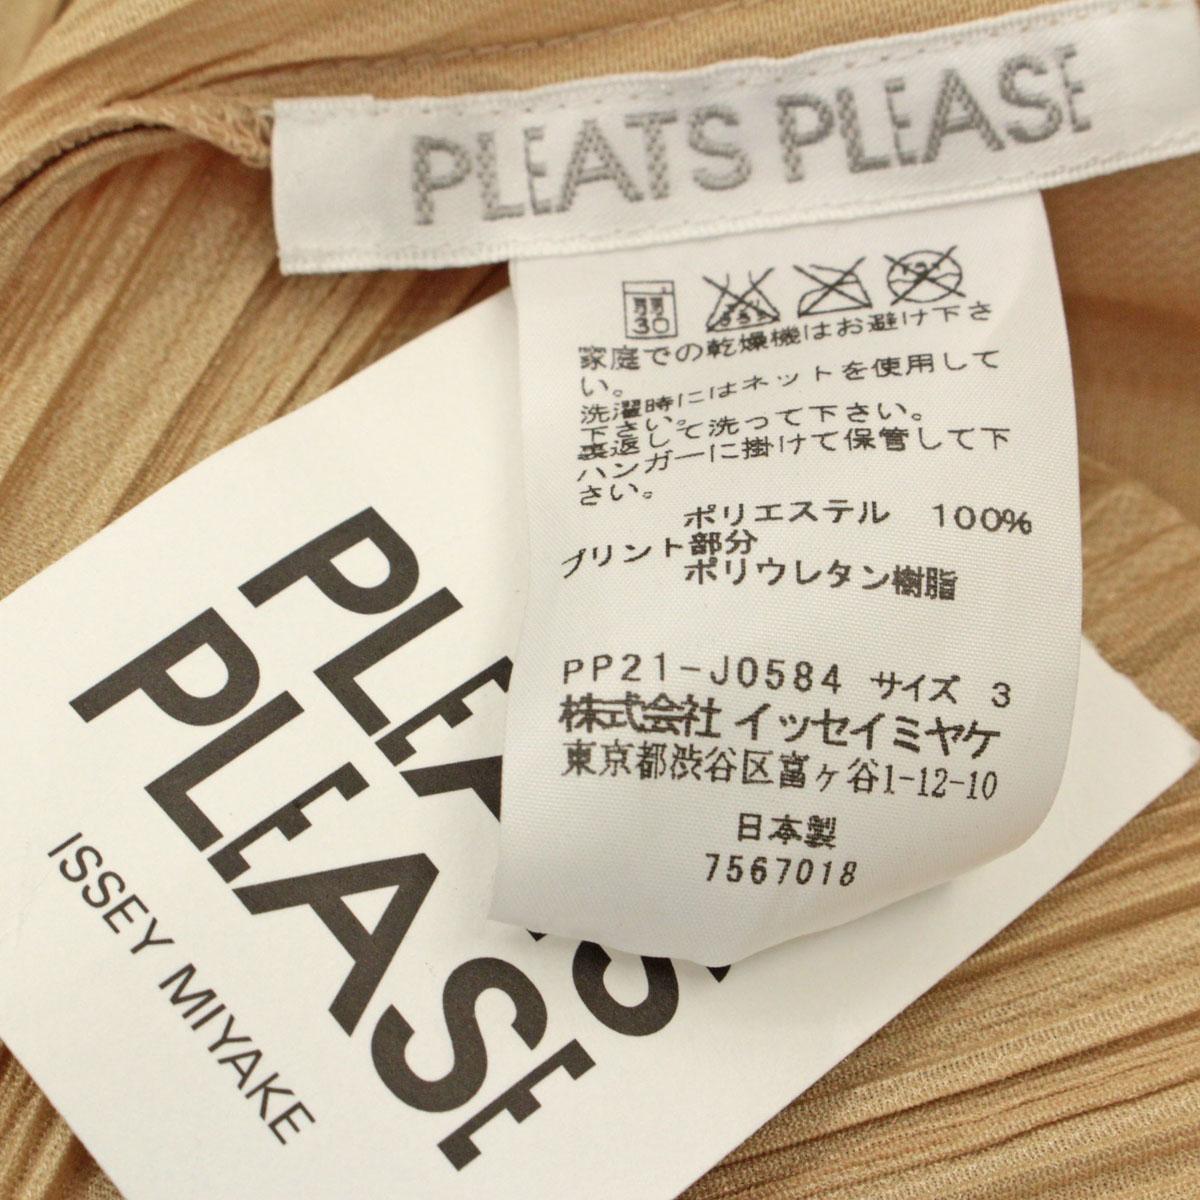 新品同様 PLEATS PLEASE プリーツプリーズ 長袖ブラウス サイズ3beigeベージュ 日本製 カーディガン 七分袖 レディース トップスRqj35L4A